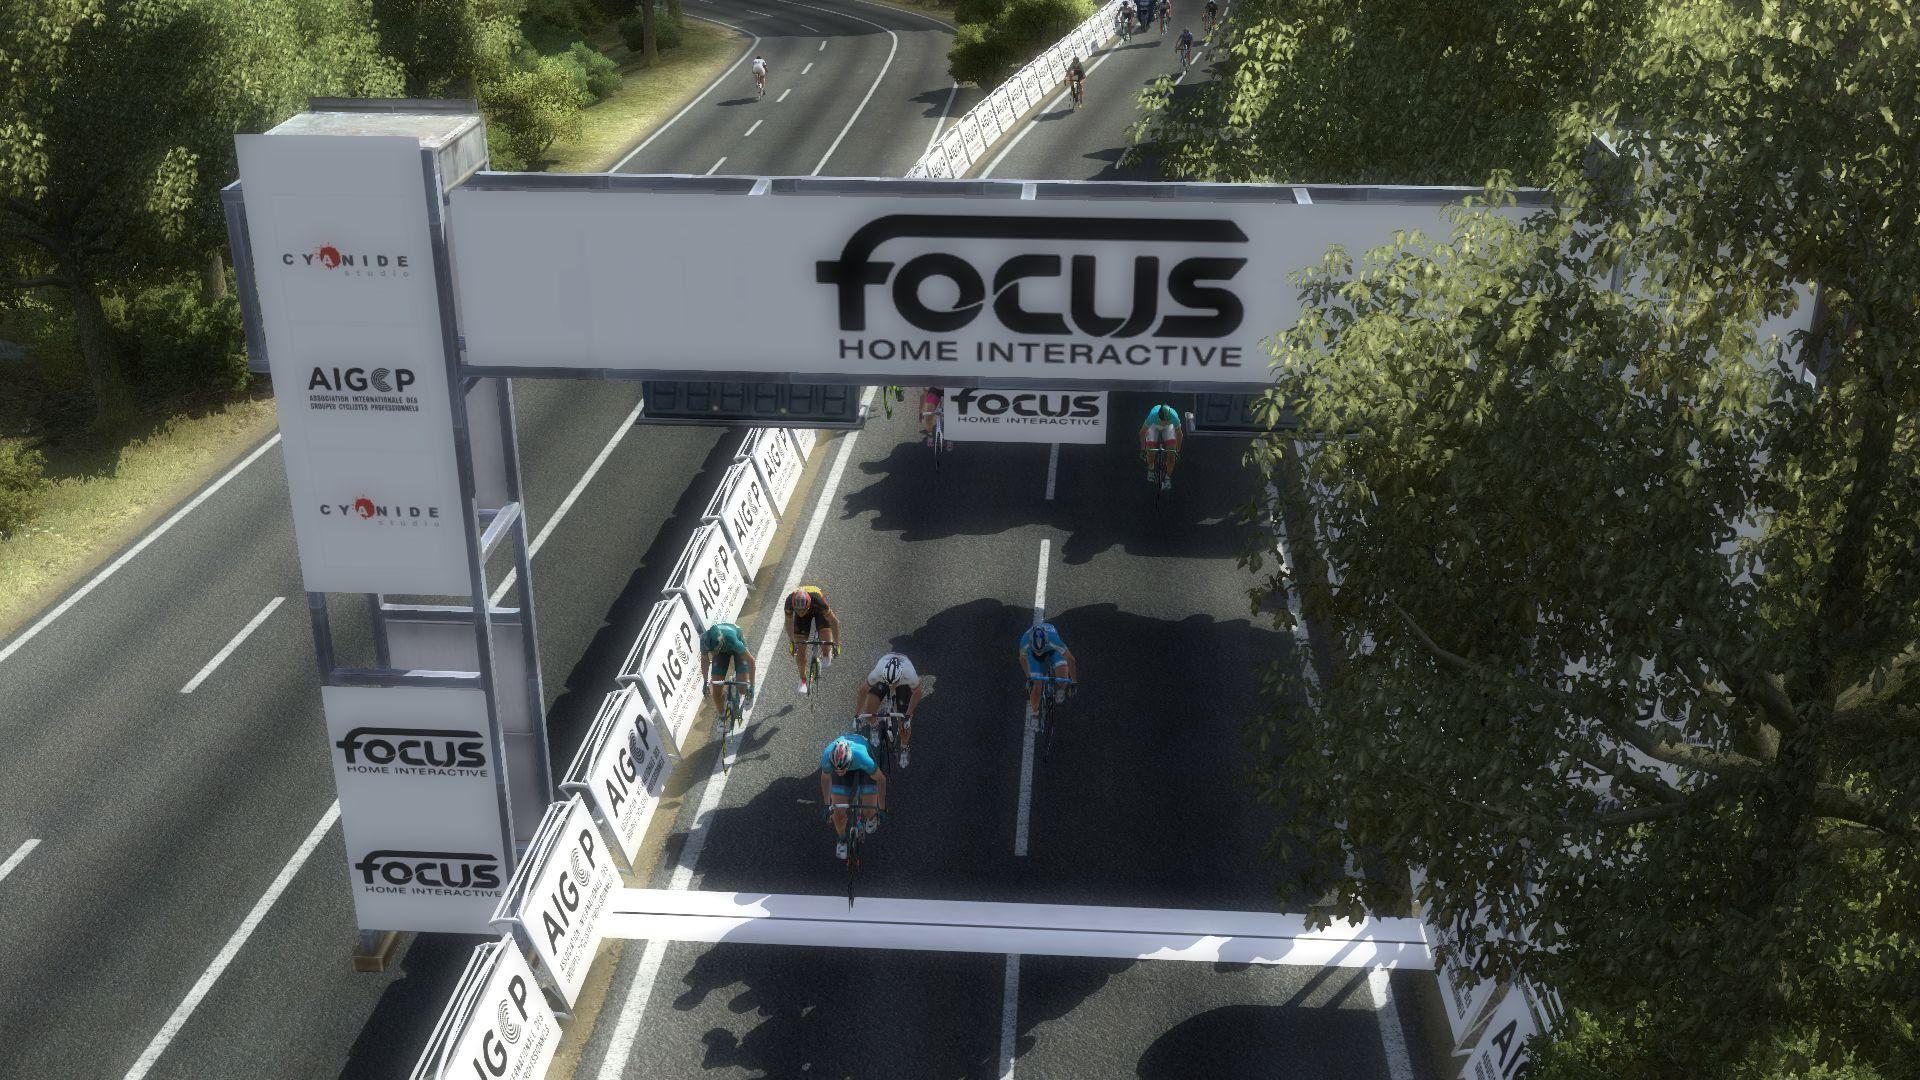 pcmdaily.com/images/mg/2019/Races/PT/Badaling/mg19_bad_20.jpg